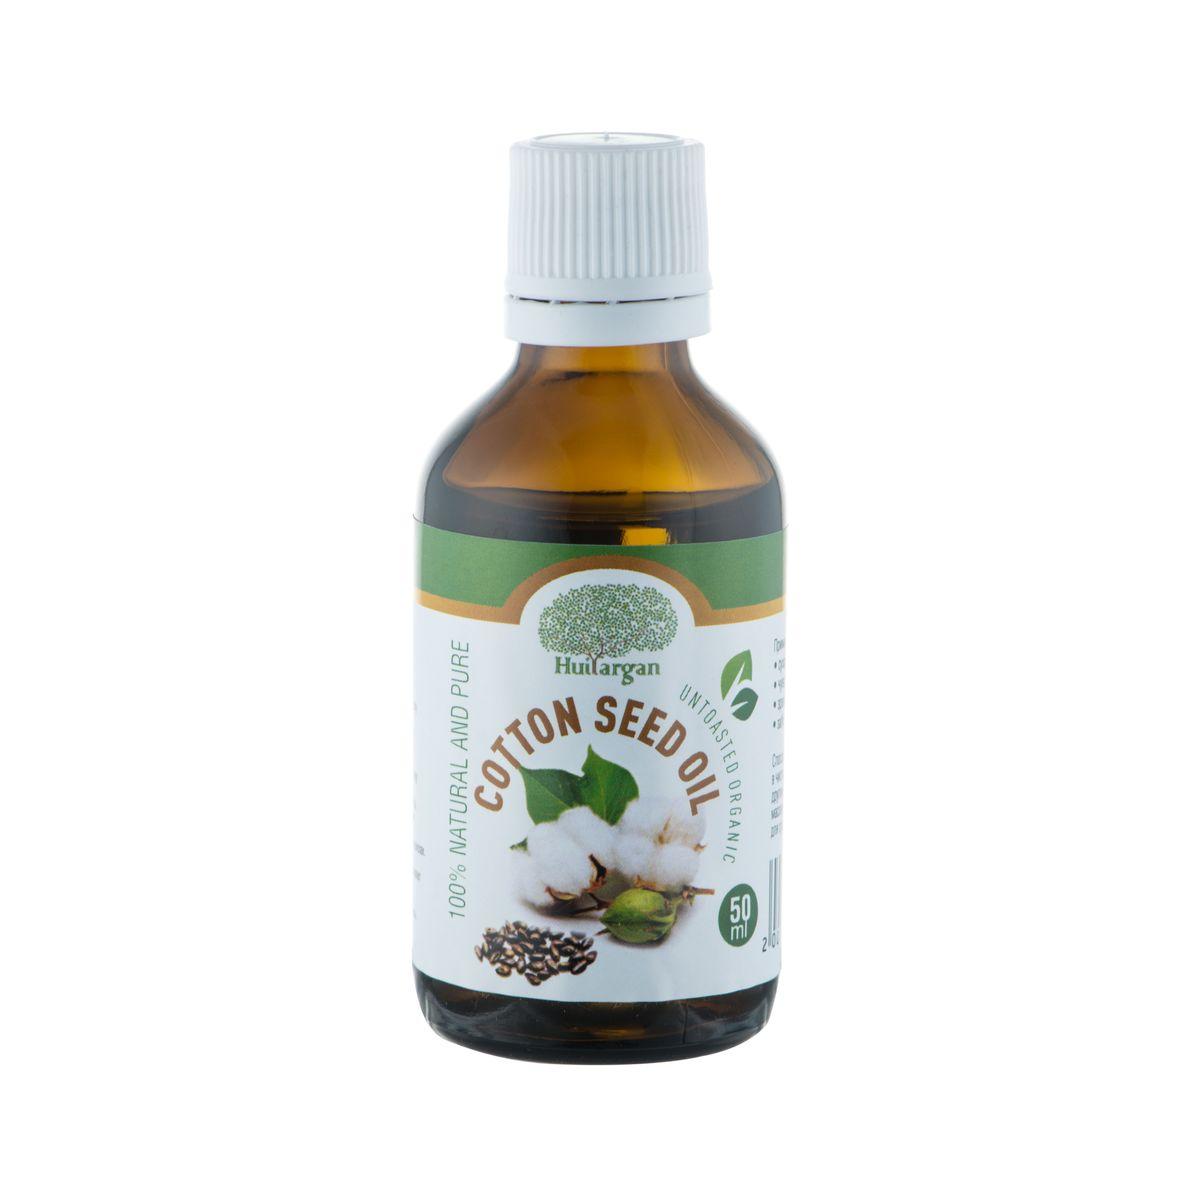 Huilargan Масло хлопковых семян, 100% натуральное, 50 мл2000000009100Масло хлопковых семян (Cotton seed oil) будет идеальным выбором для тех людей, которые имеют аллергию на орехи и ореховые масла. Свойства: - источник мягкости, очень приятно в применении, делает кожу бархатистой и атласной; - обладая лёгкой, шелковистой структурой, питает кожу изнутри, не оставляя жирного ощущения; - Восстанавливает нарушенные клеточные структуры кожного покрова головы. - Сохраняет необходимый уровень воды в клетках подкожной зоны и восстанавливает гидролизную пленку эпидермиса. - Выполняет функцию природного иммуномодулятора. - Обладает активными регенерирующими свойствами внутри волосяной луковицы. - Нормализует клеточный обмен веществ в сальных железах. - Влияет на синтез коллагена. - Тонизирует, смягчает волосяной покров, восстанавливает кератиновые чешуйки волос. - За счет антибактериальной активности снимает воспаление и раздражения чувствительной кожи головы. Применение: - сухая кожа; - чувствительная и...